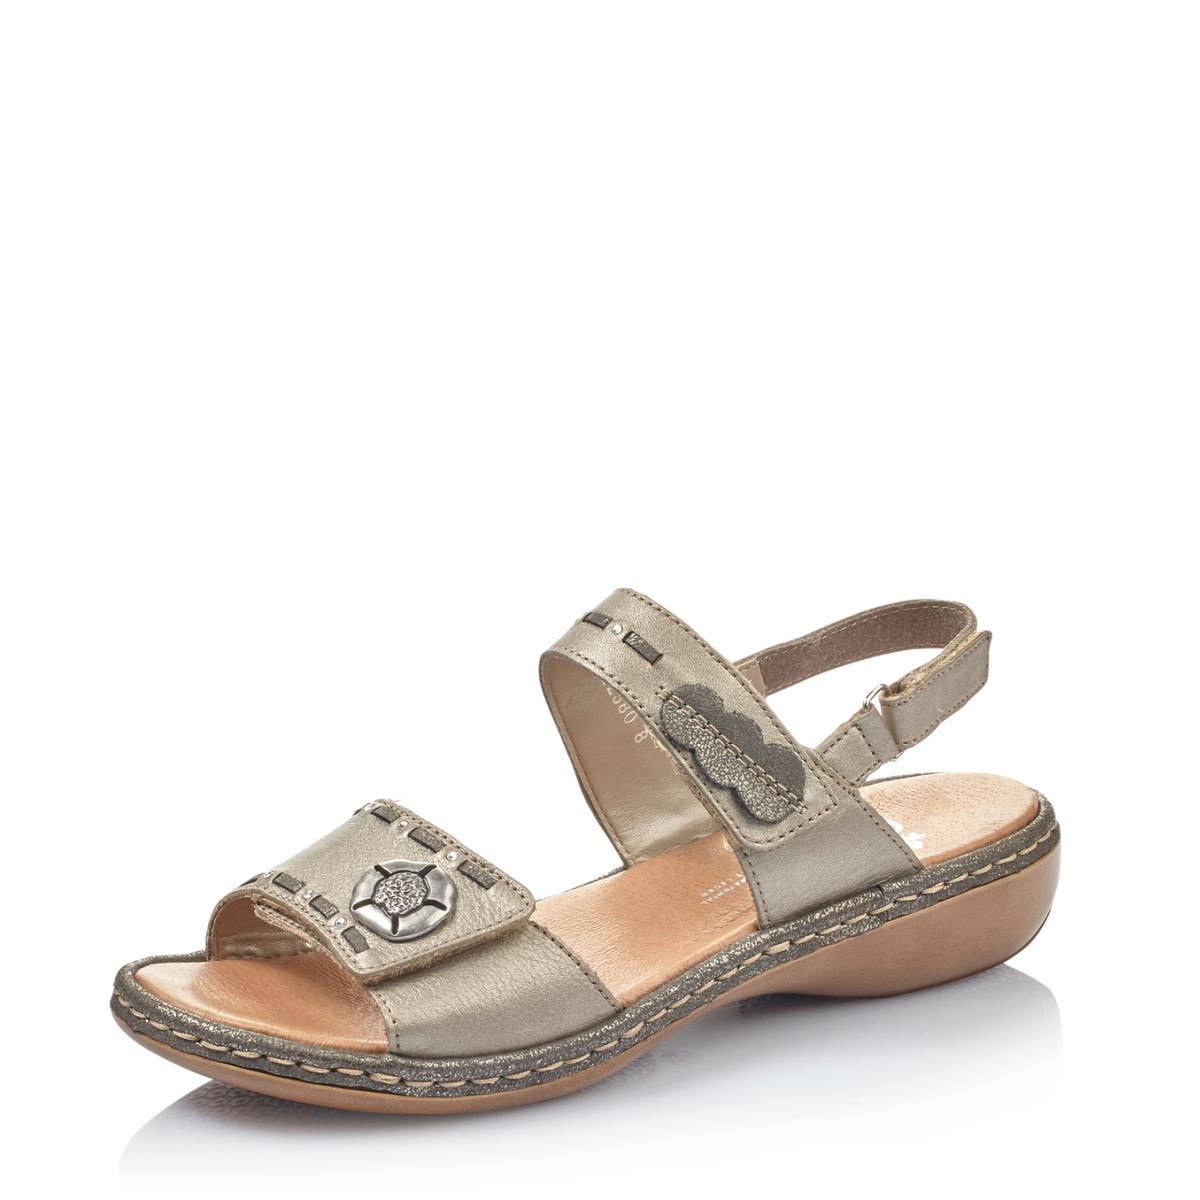 Rieker Rieker 65972-90 Sandal Gold